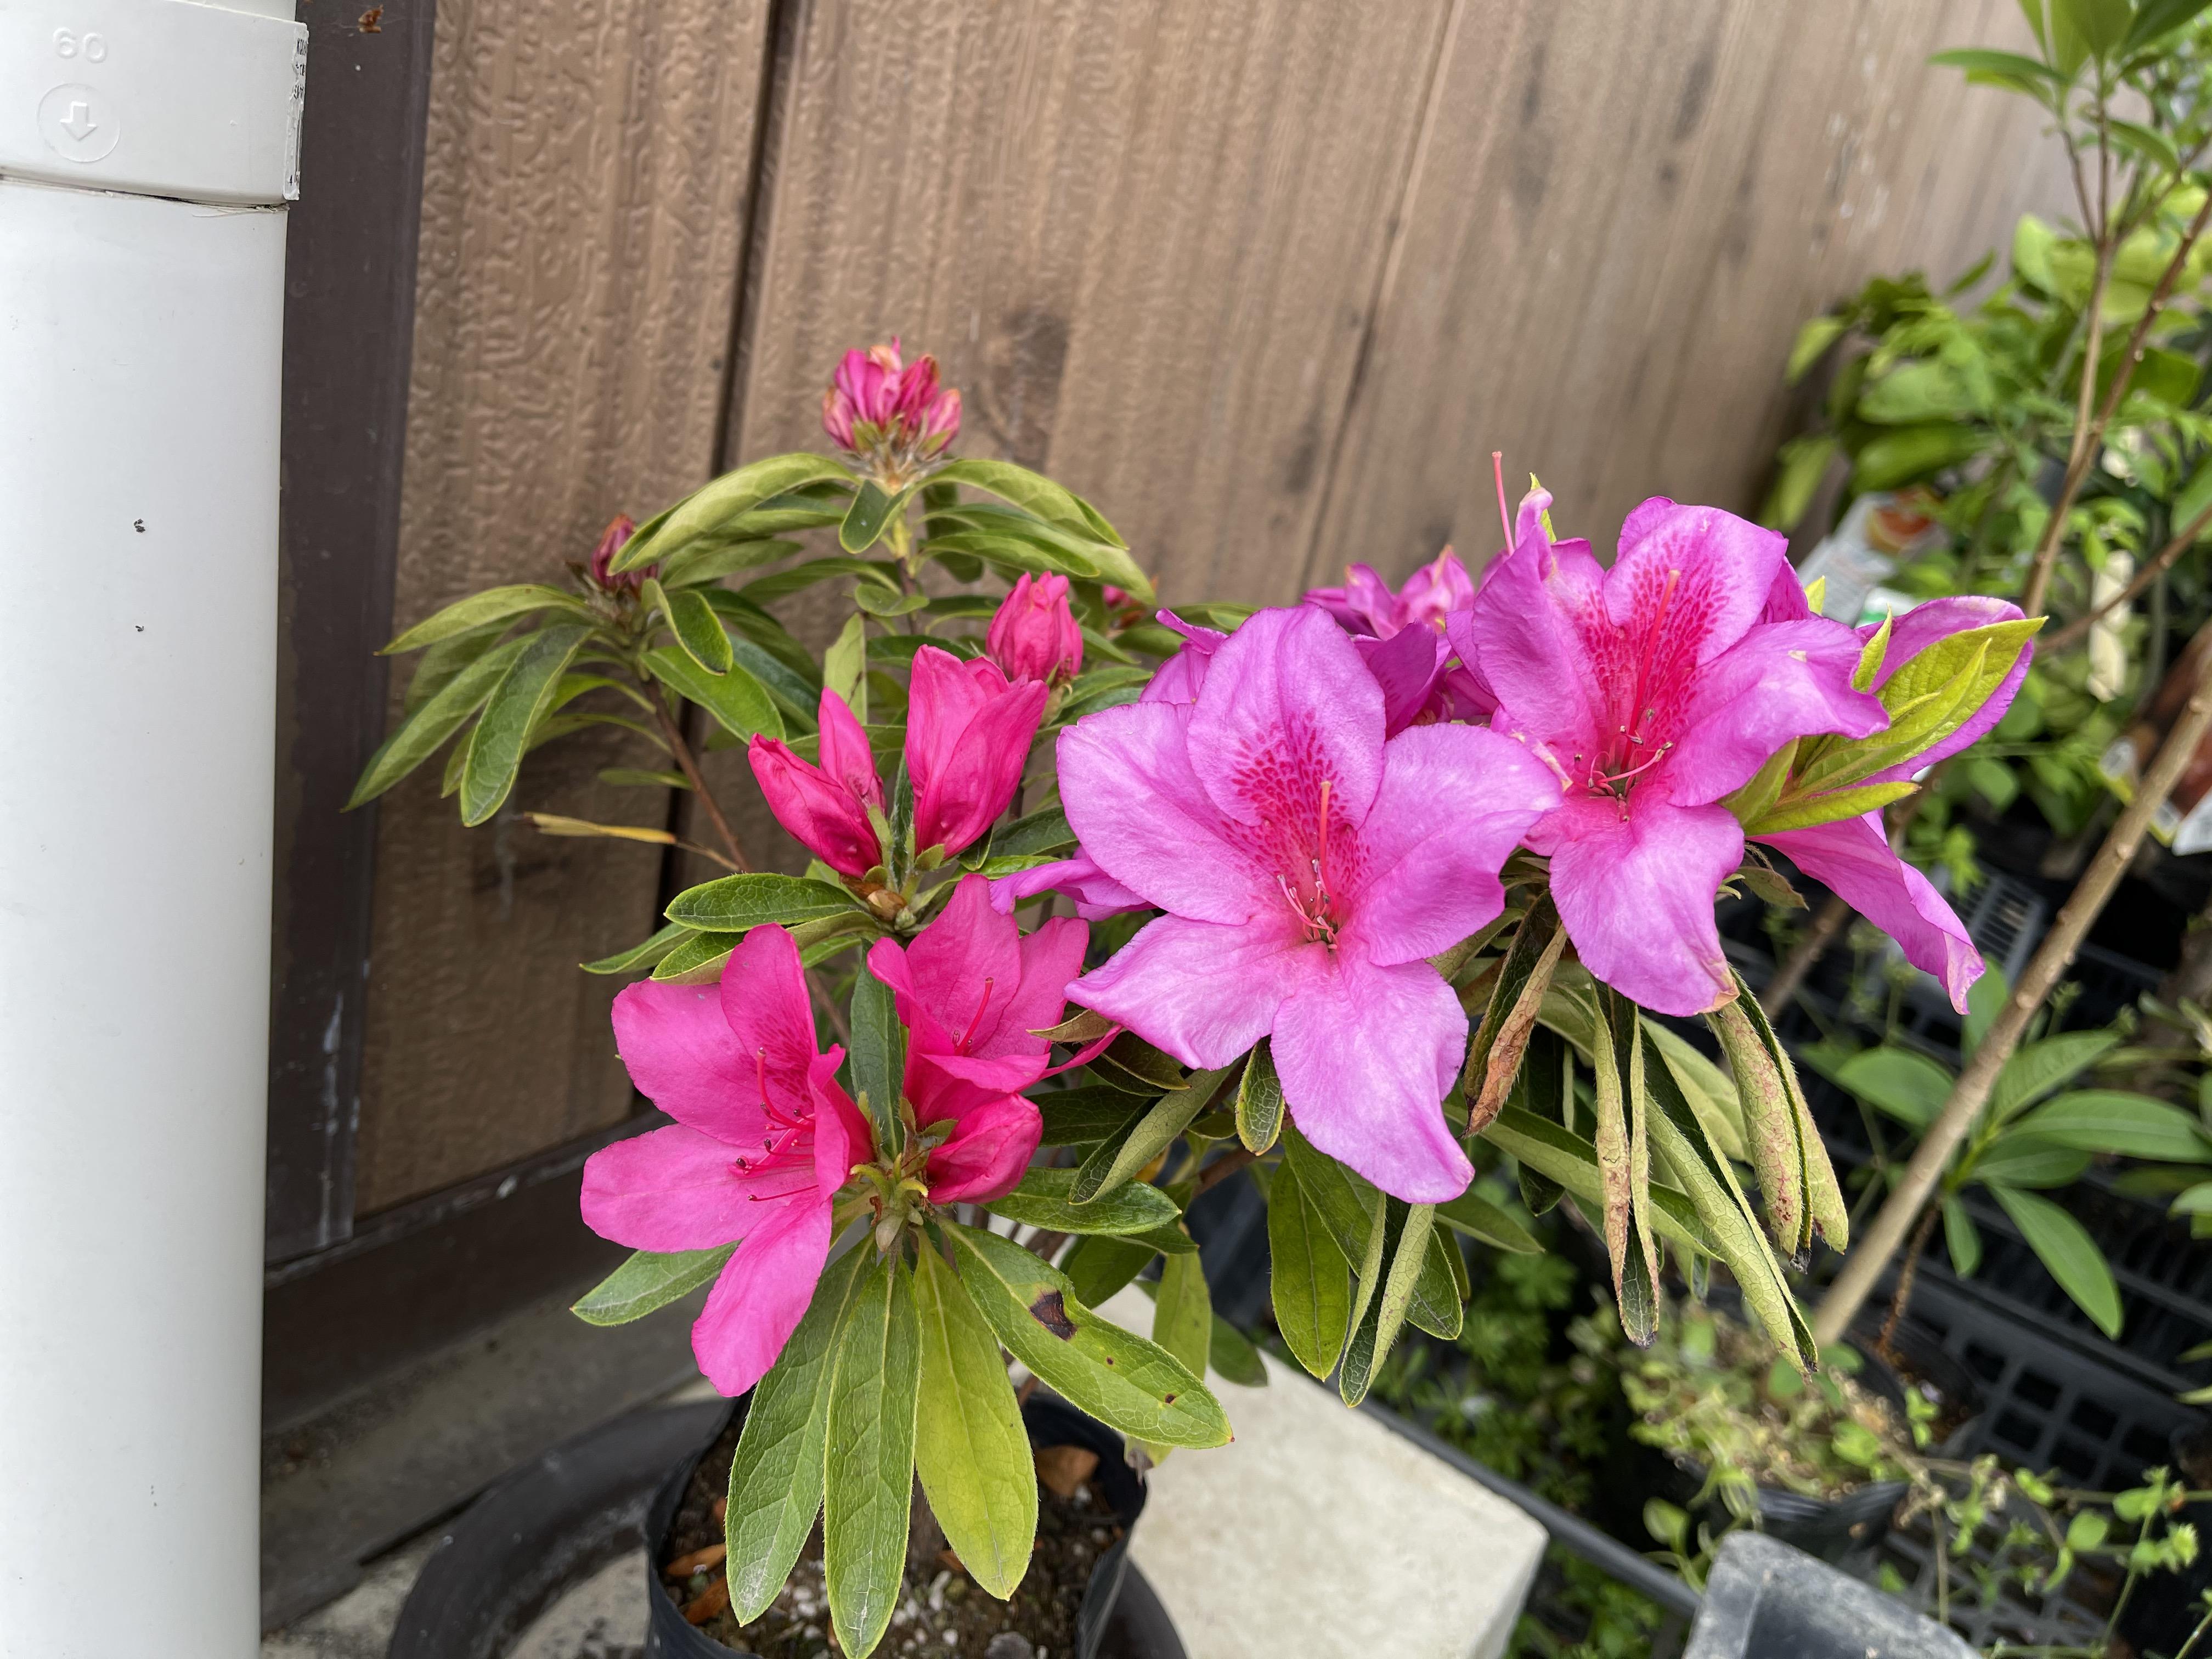 ツツジの花色が違う花が咲いた理由とは?